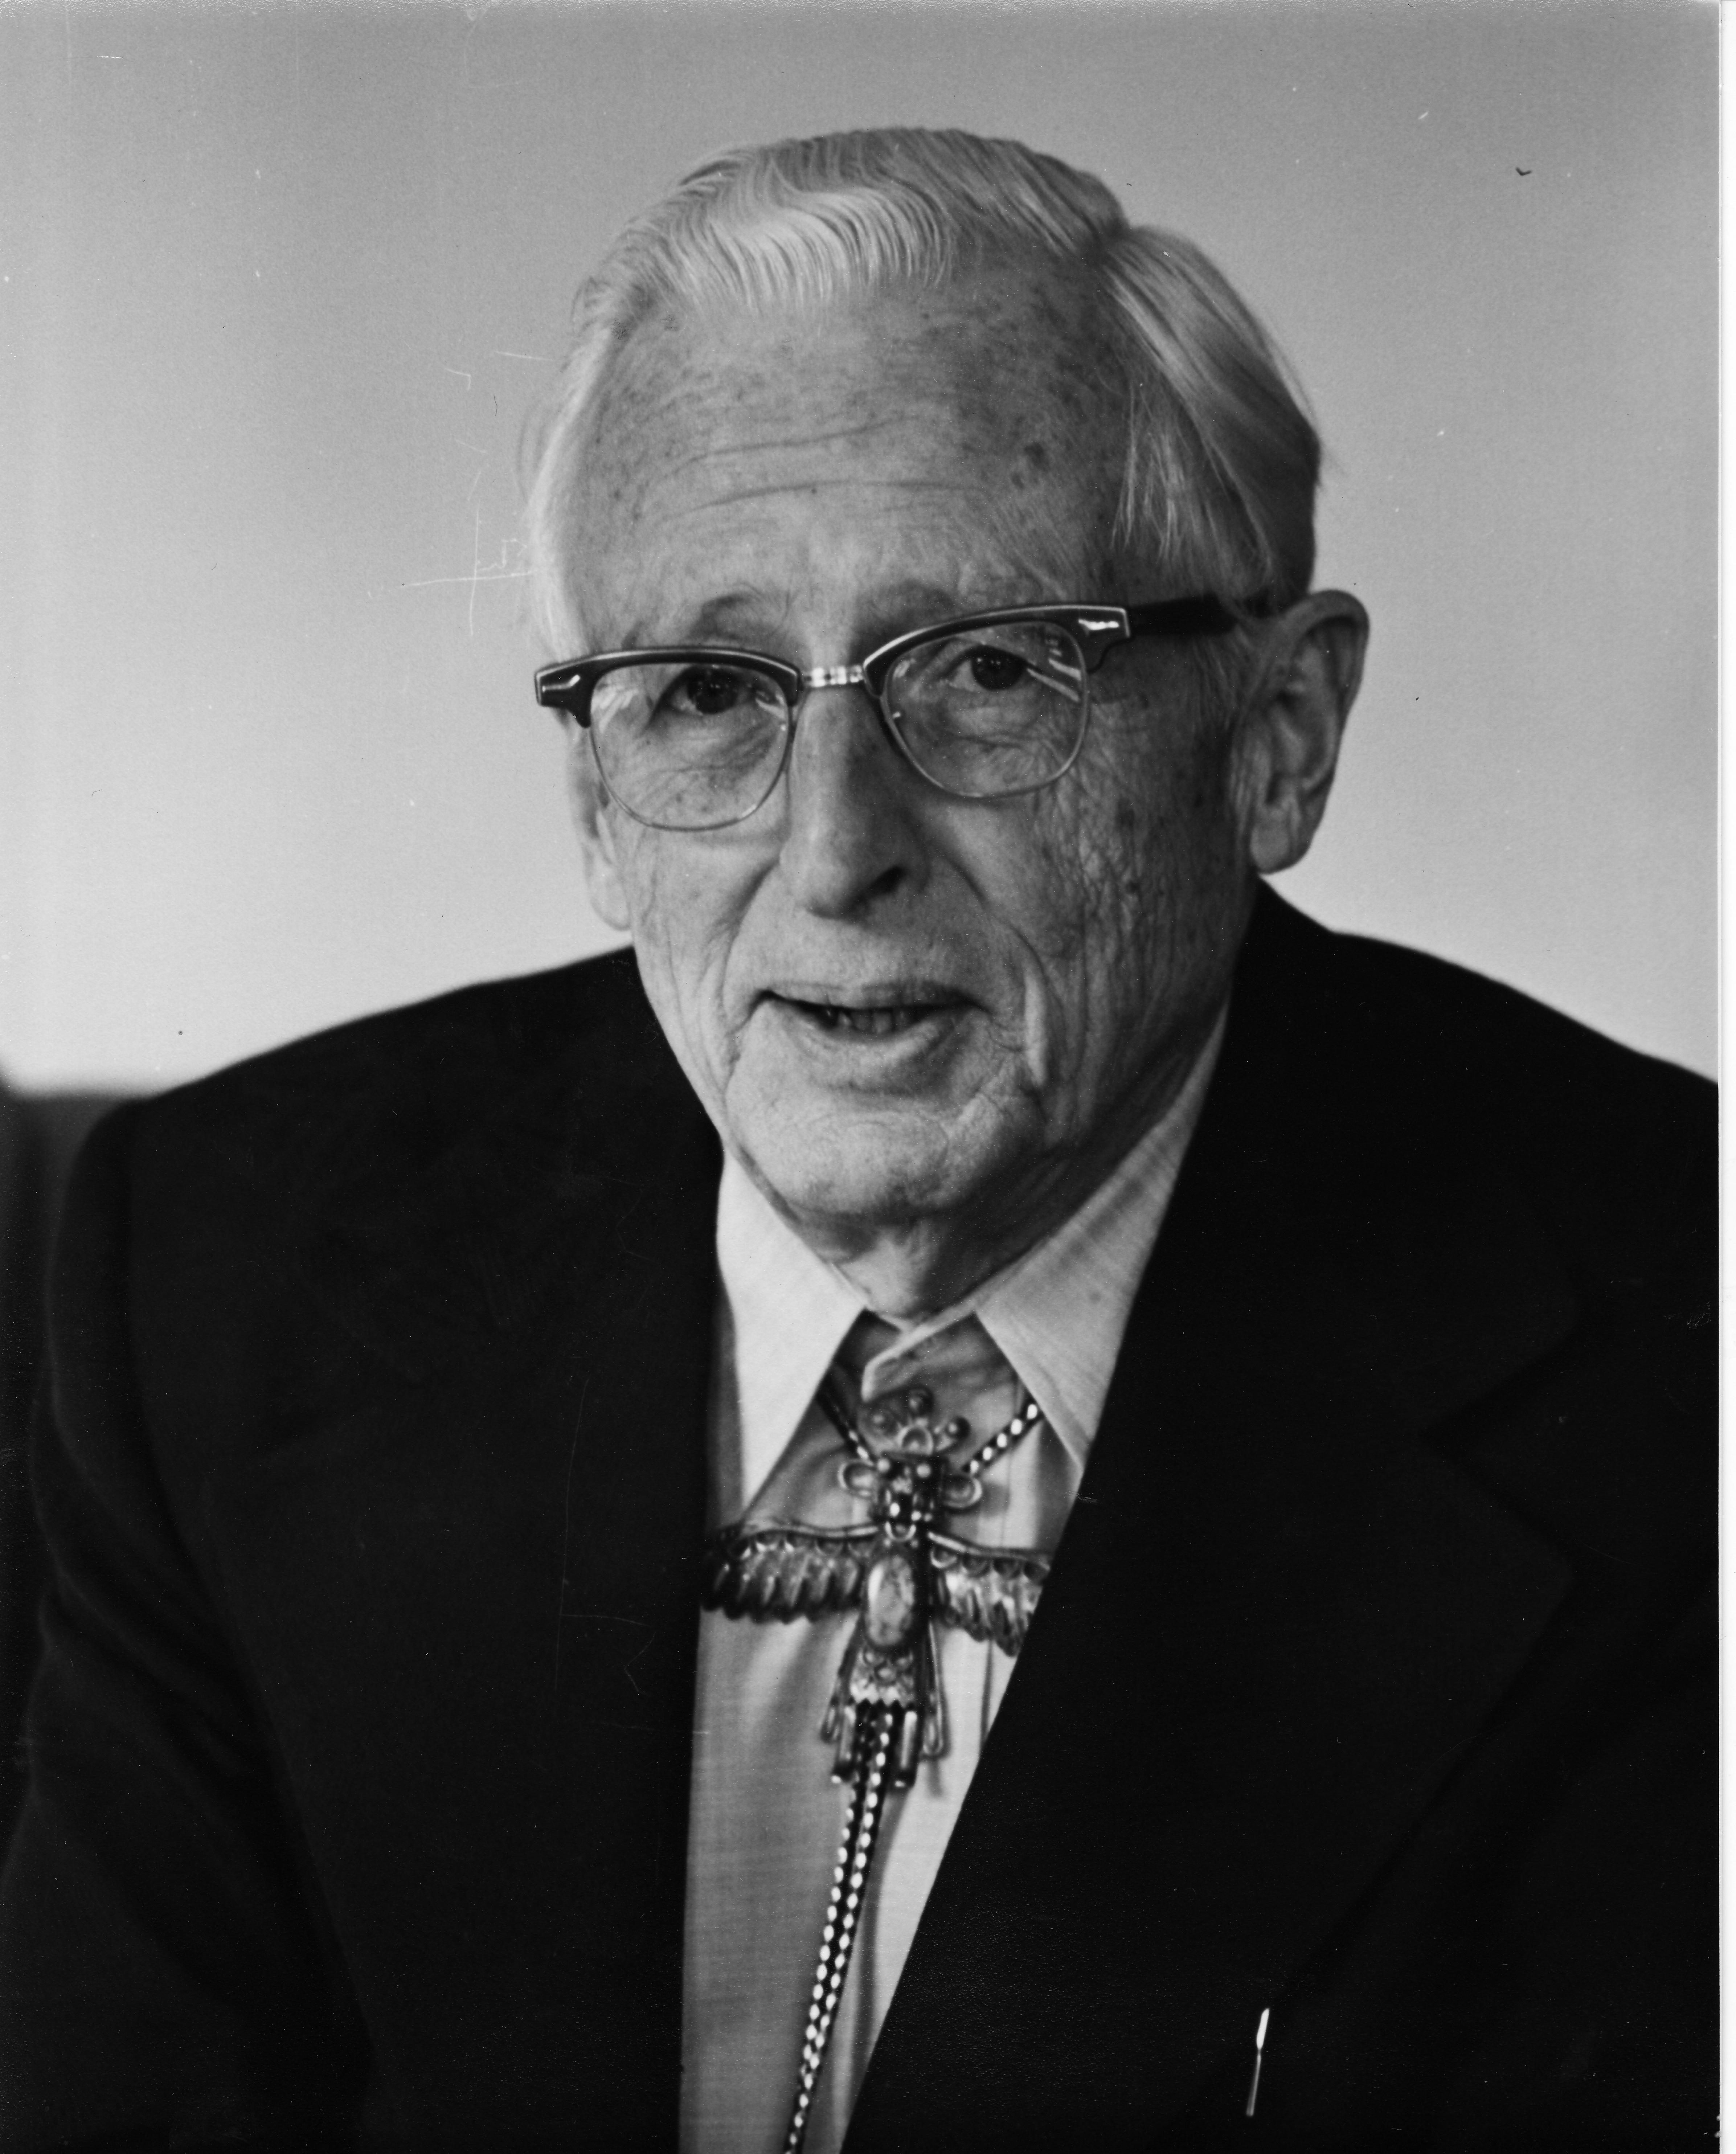 image of Donald Howard Menzel